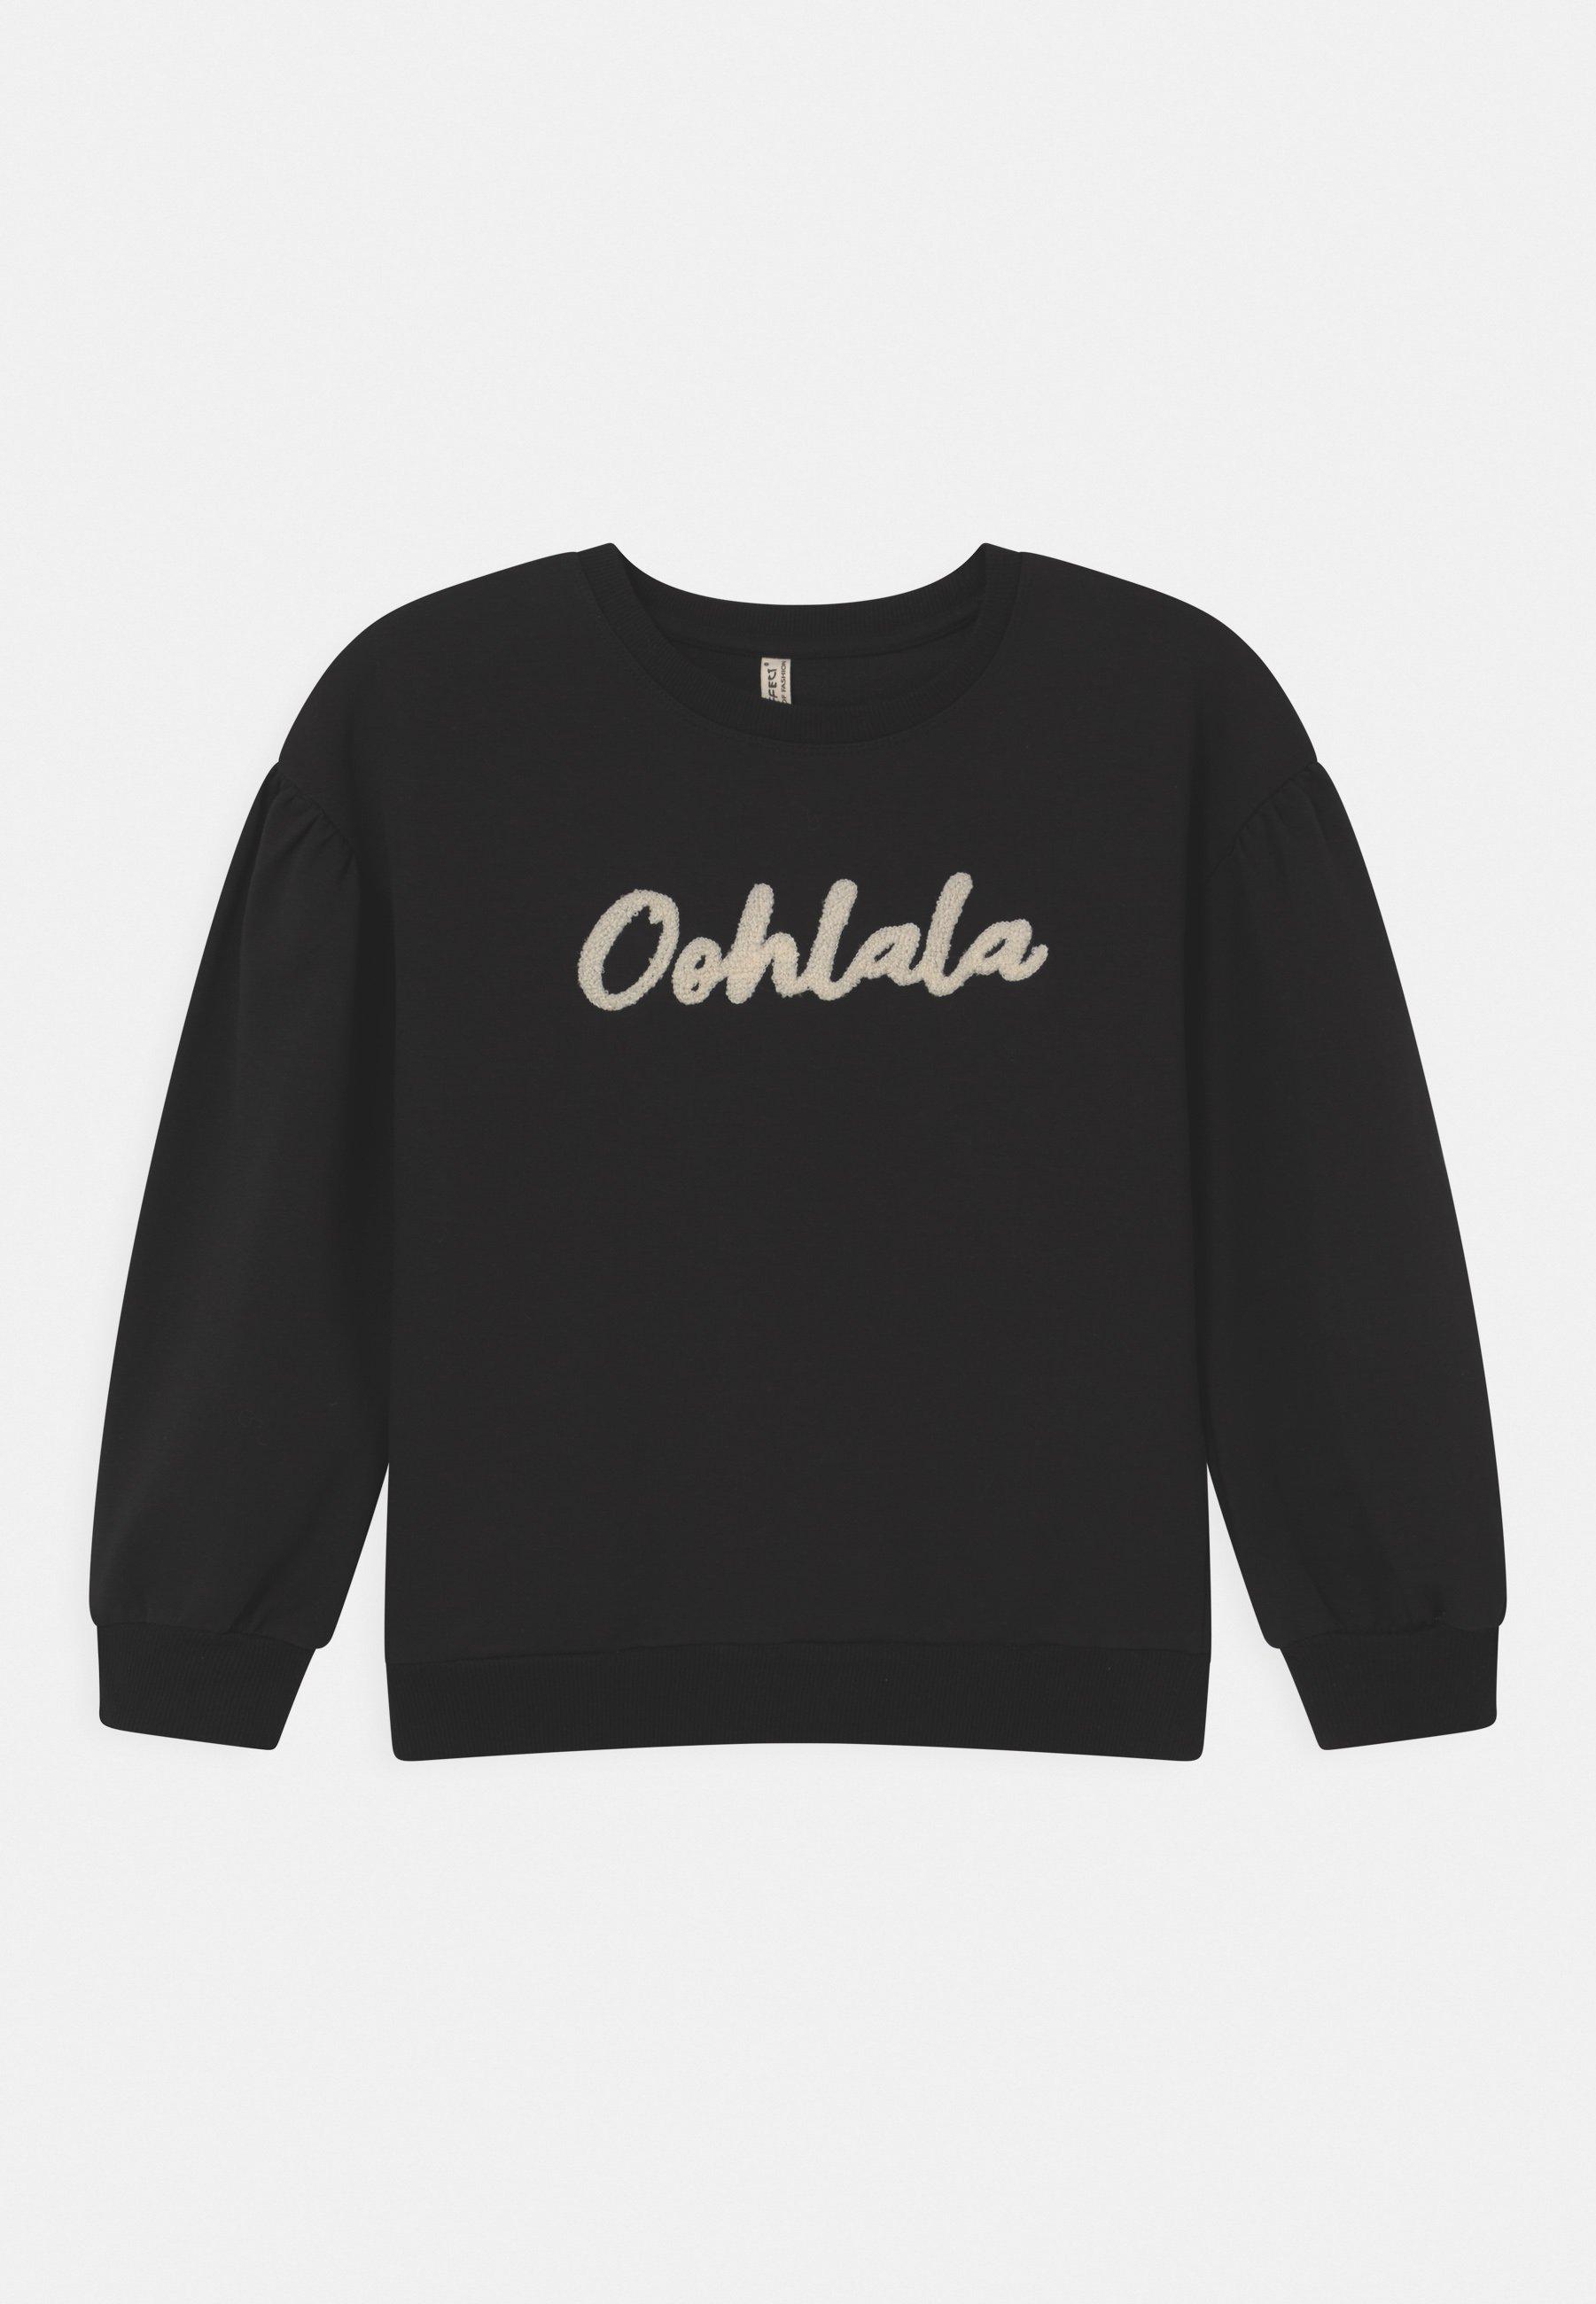 Enfant GIRLS OOHLALA - Sweatshirt